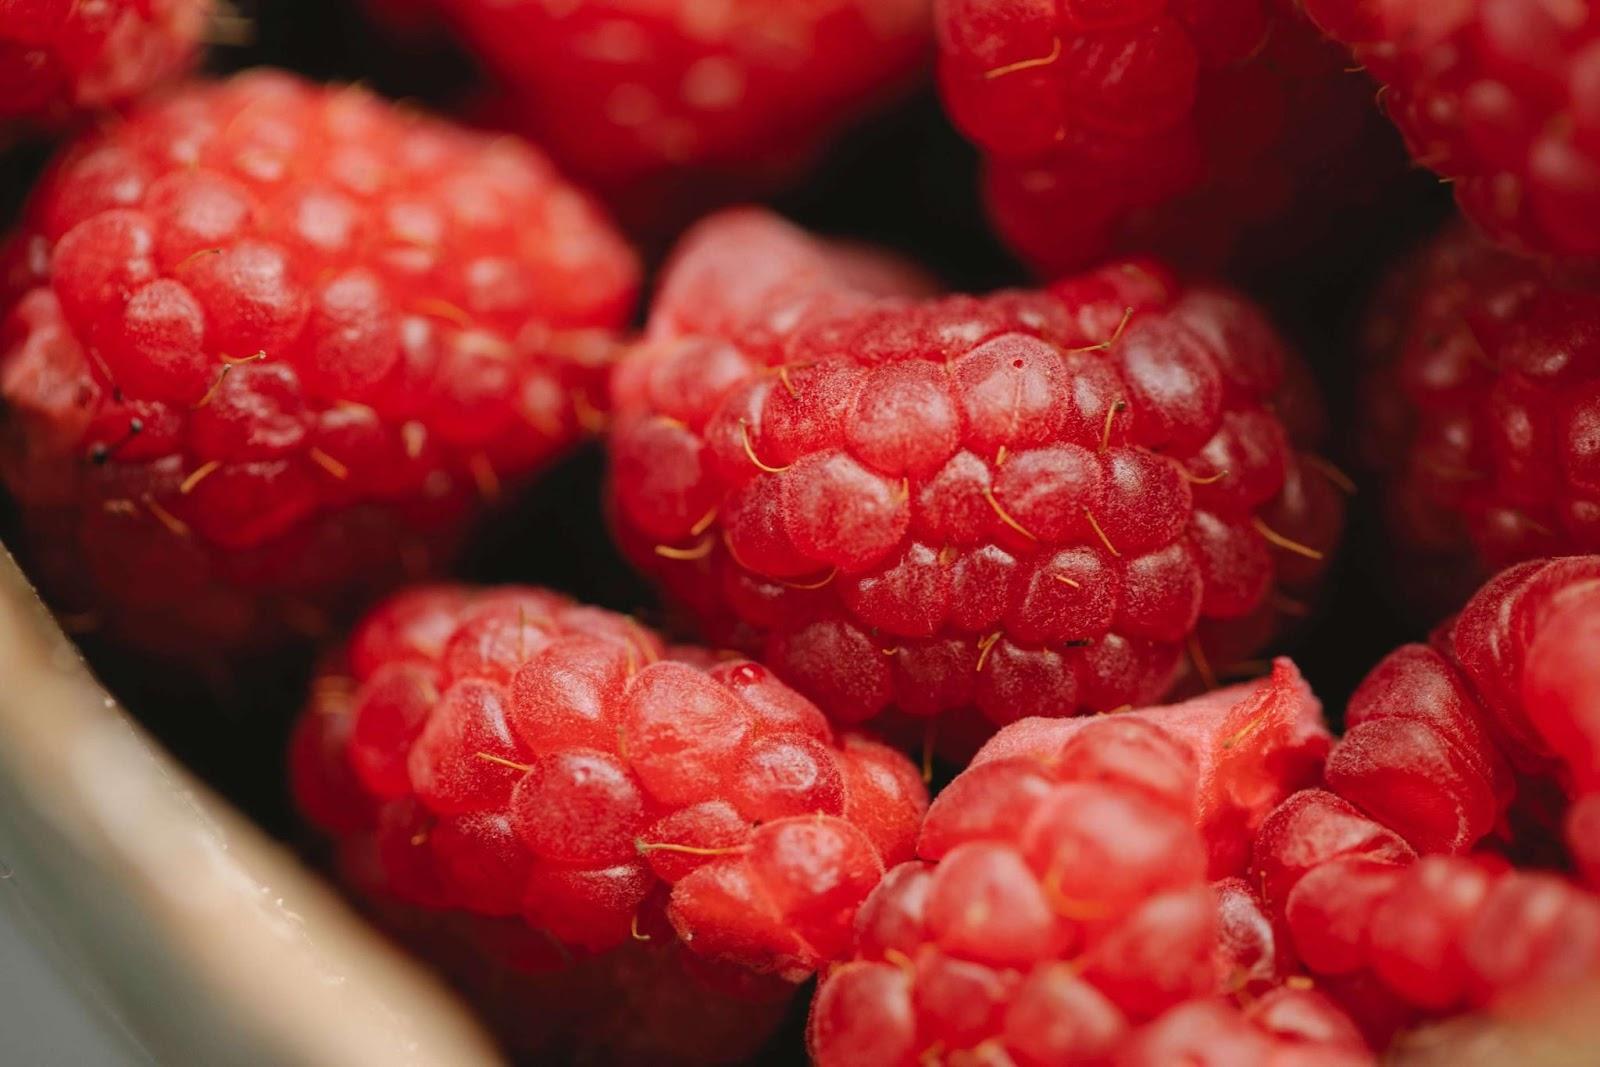 Red, juicy raspberries in a bowl.